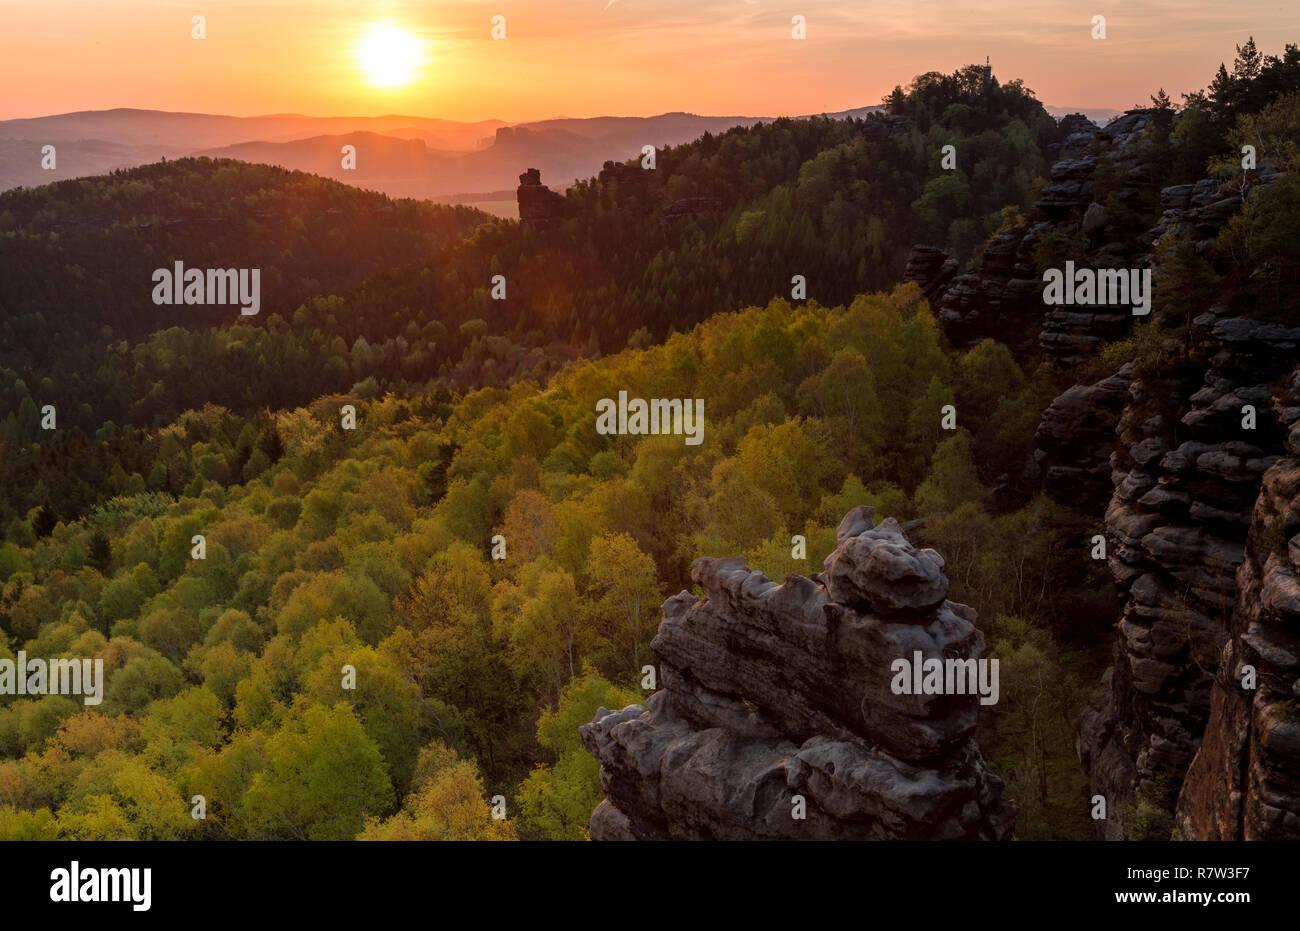 Blick vom Gohrischstein in die aufgehende Sonne / View from Gohrisch table mountain into the rising sun - Stock Image